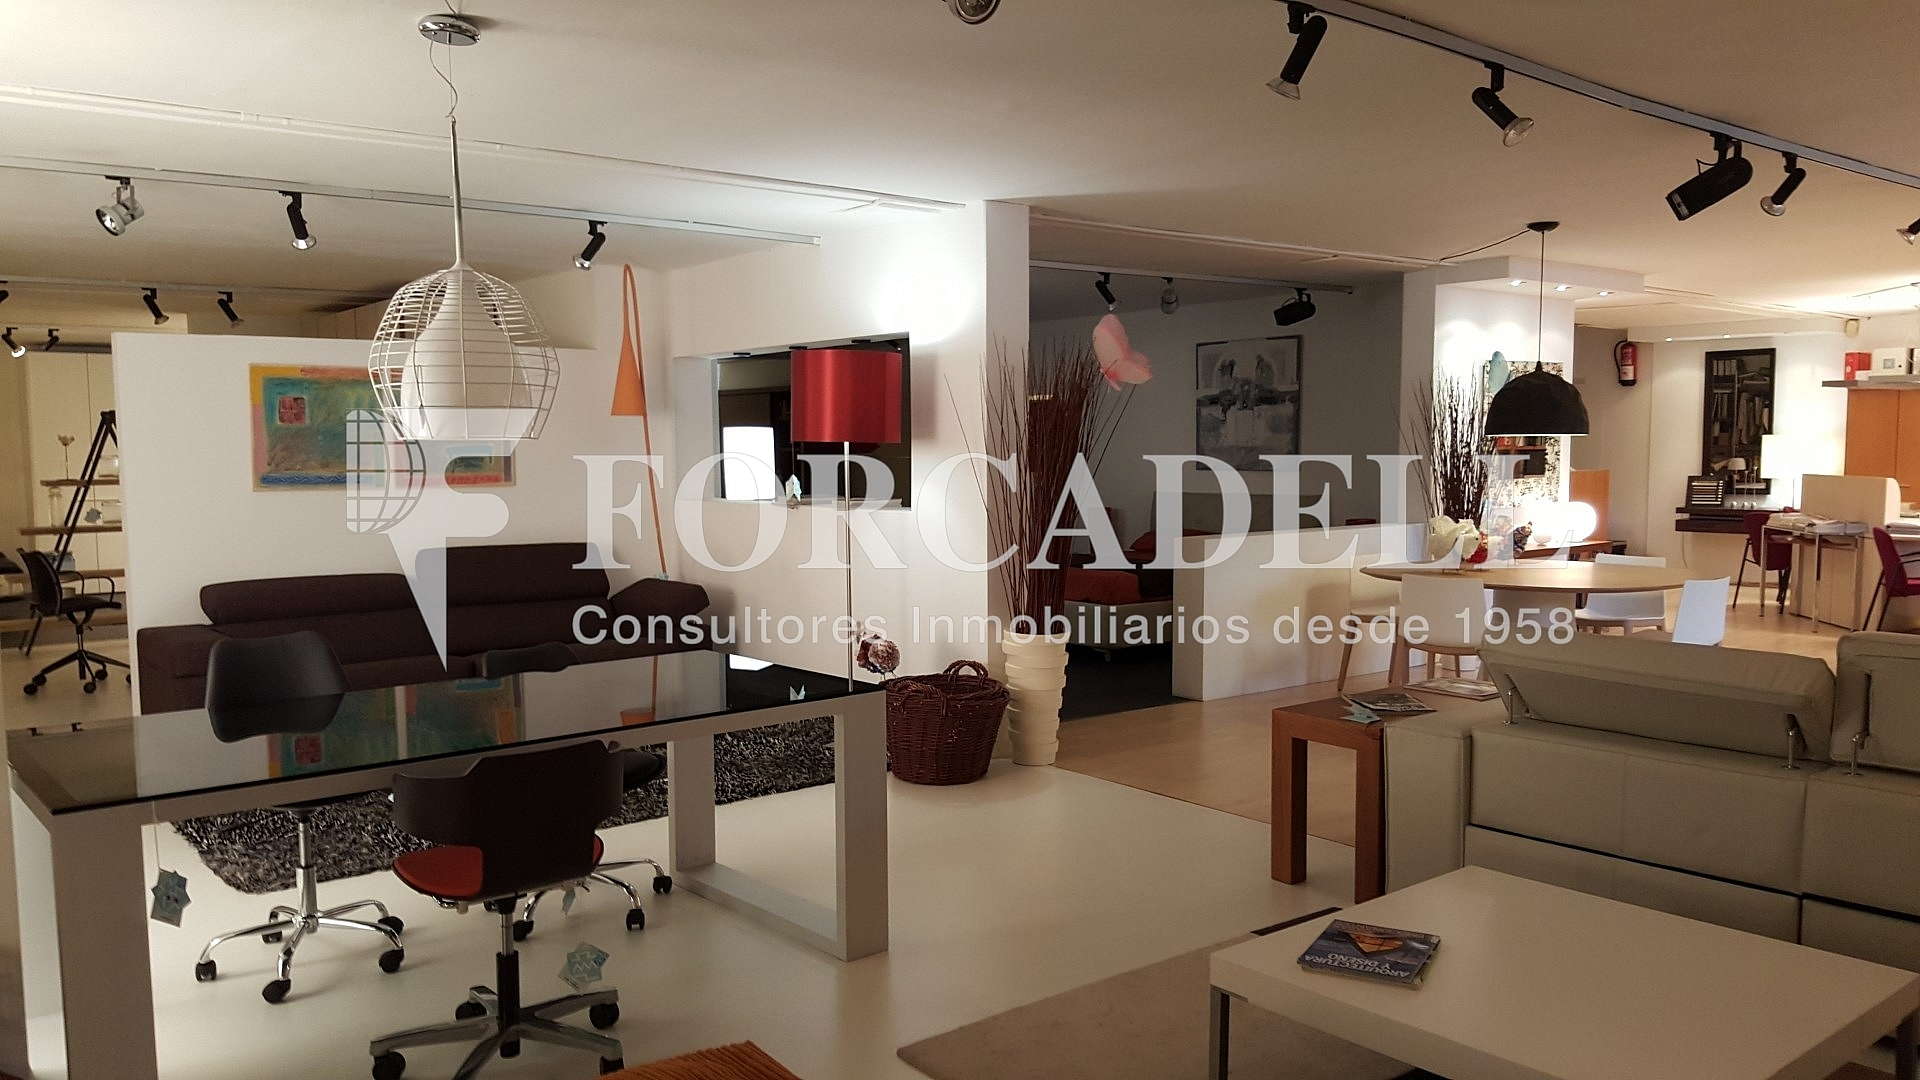 20151019_140334 - Local comercial en alquiler en Cornellà de Llobregat - 261862354